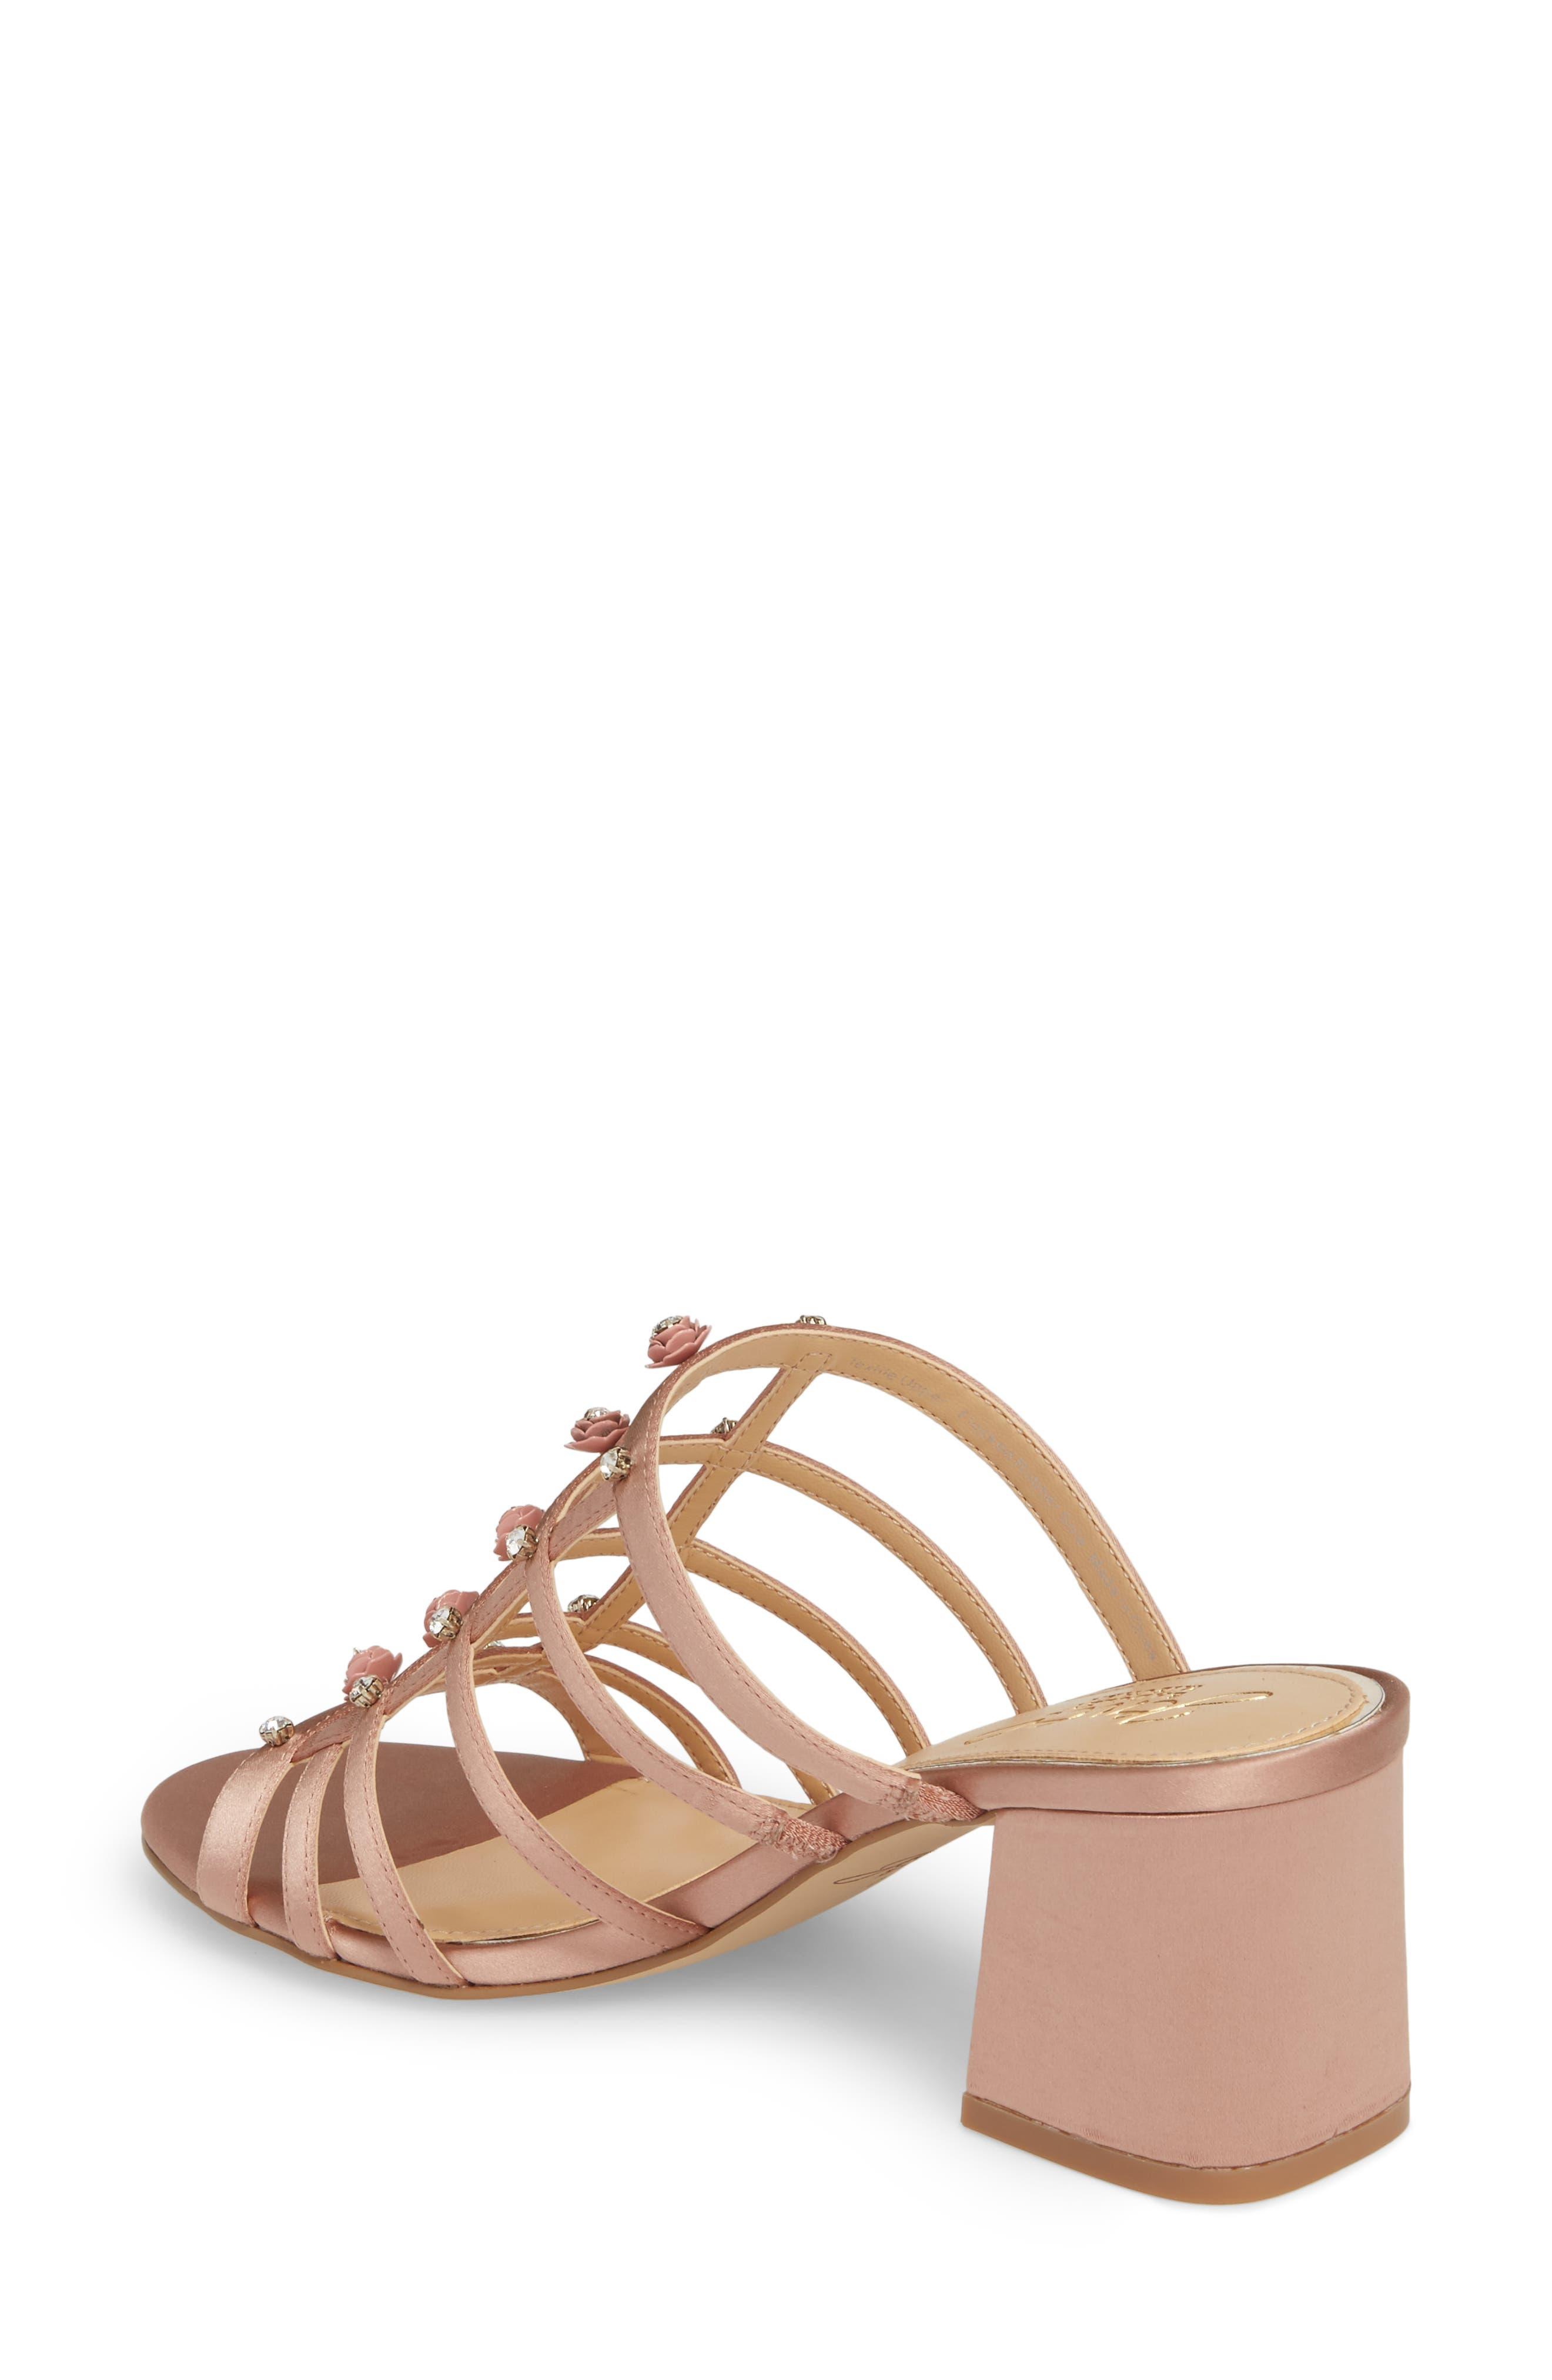 Thorne Crystal Rose Embellished Slide Sandal,                             Alternate thumbnail 2, color,                             Dark Blush Satin